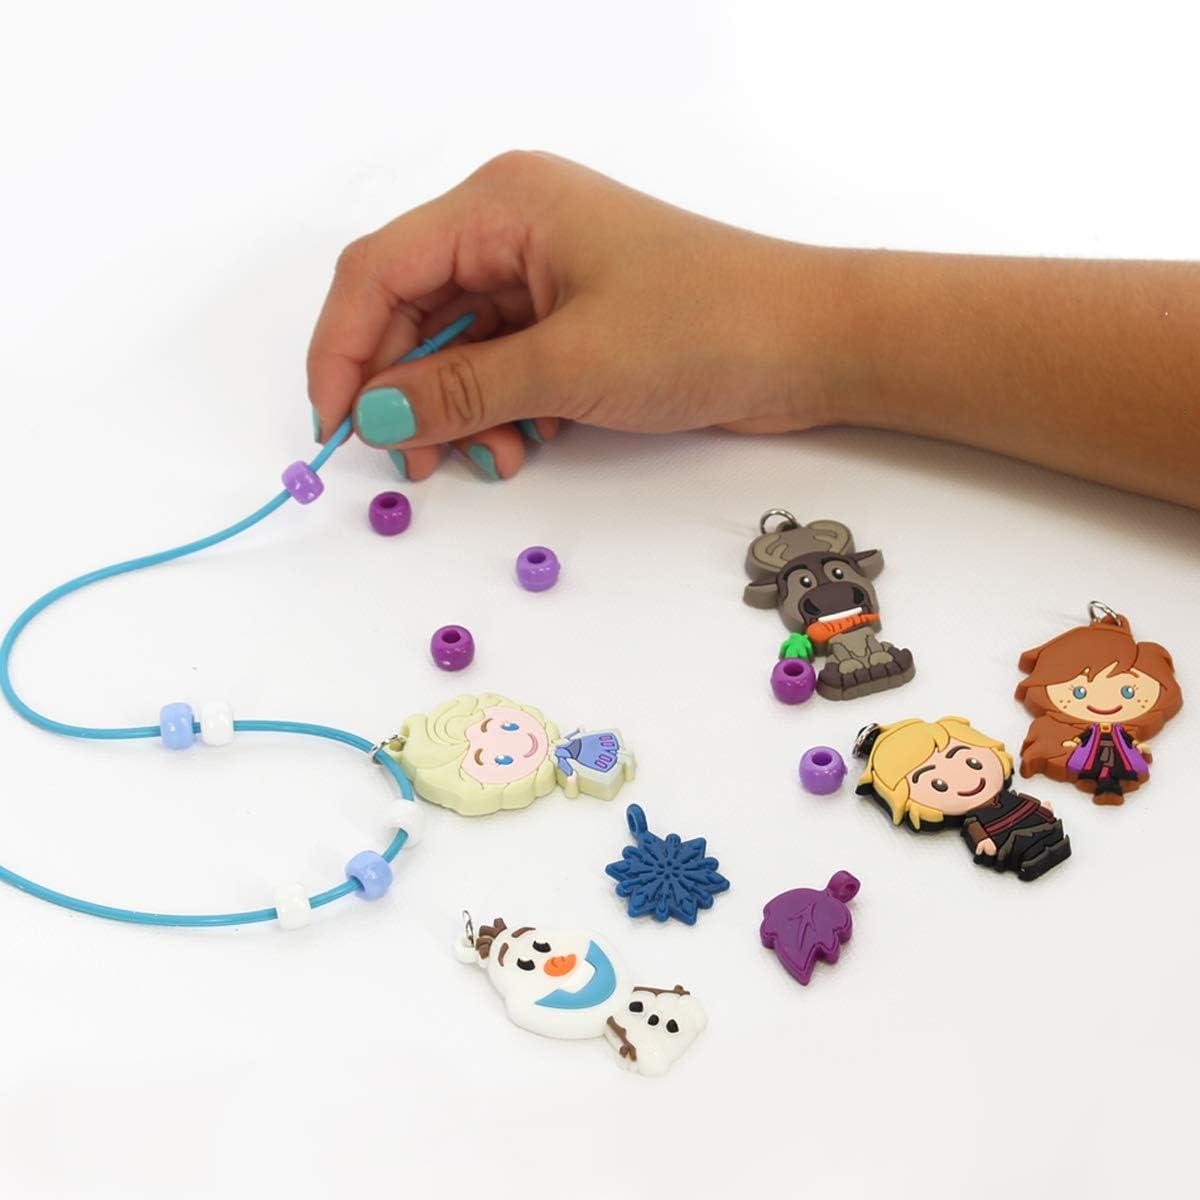 12808 Tara Toys Frozen 2 Necklace Activity Set